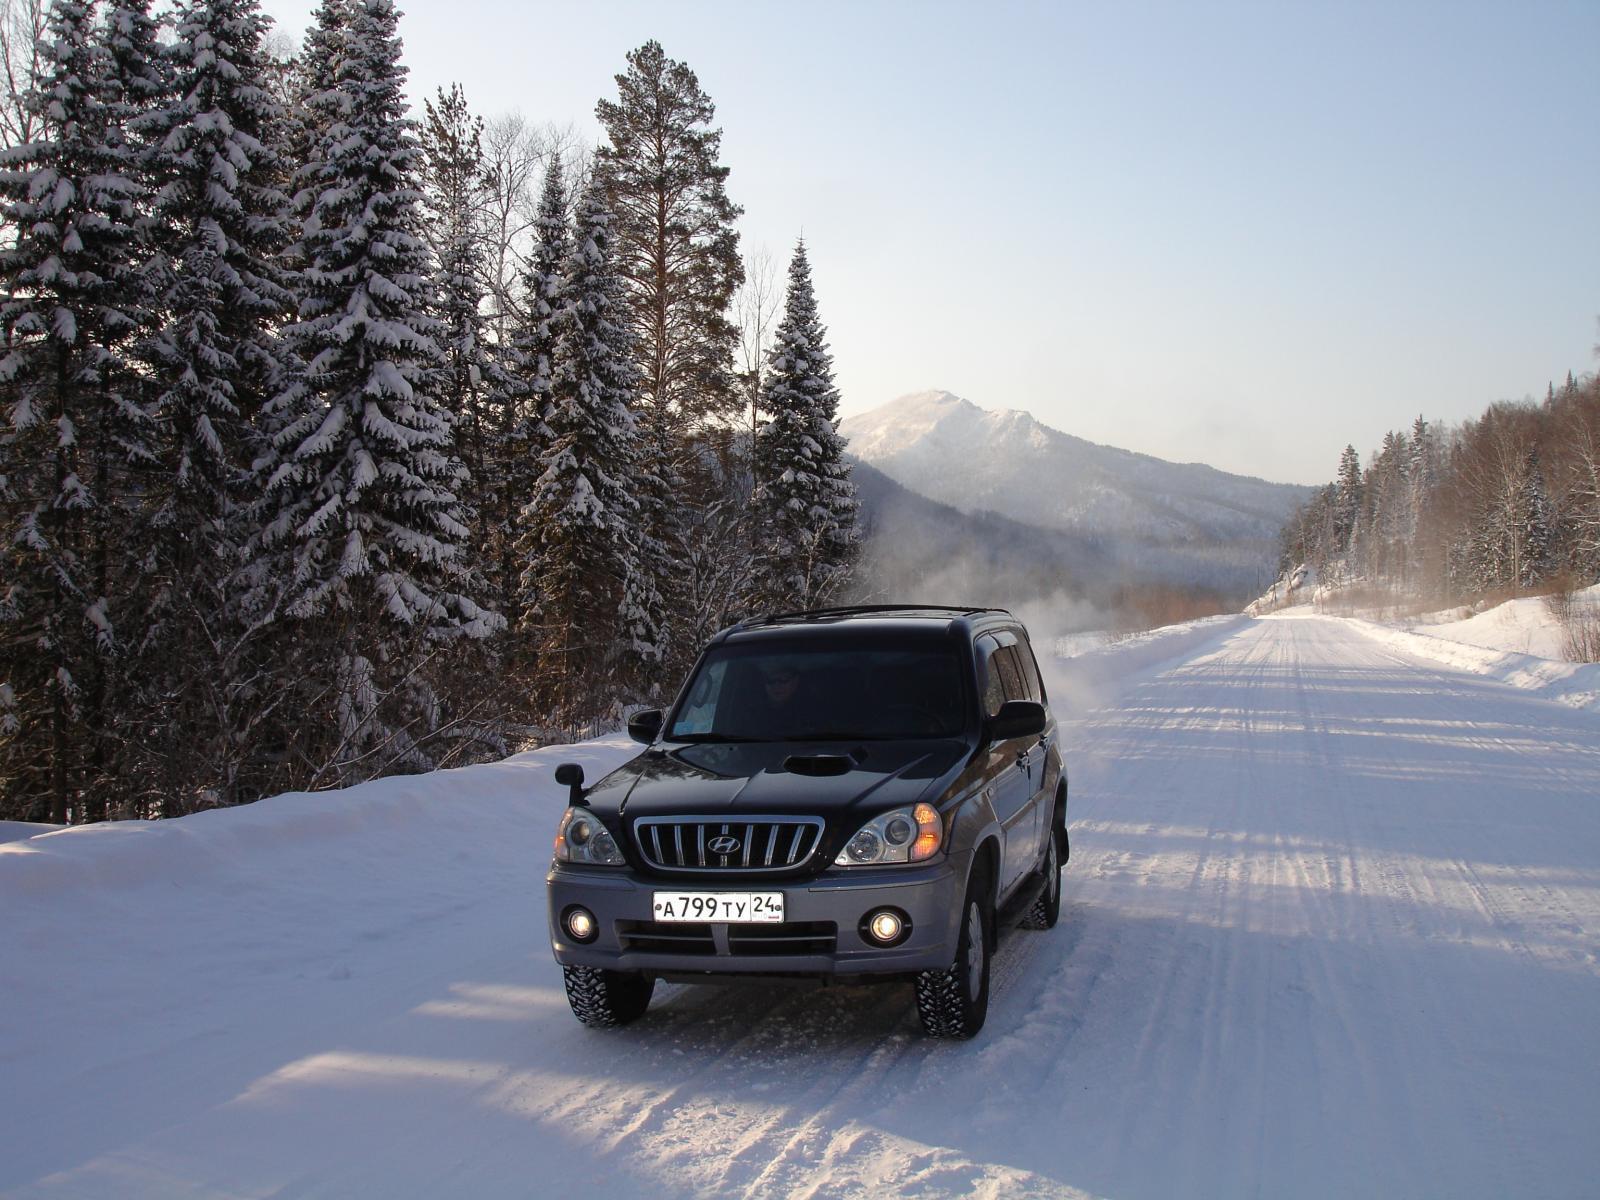 Горный Алтай. 5 января 2011г